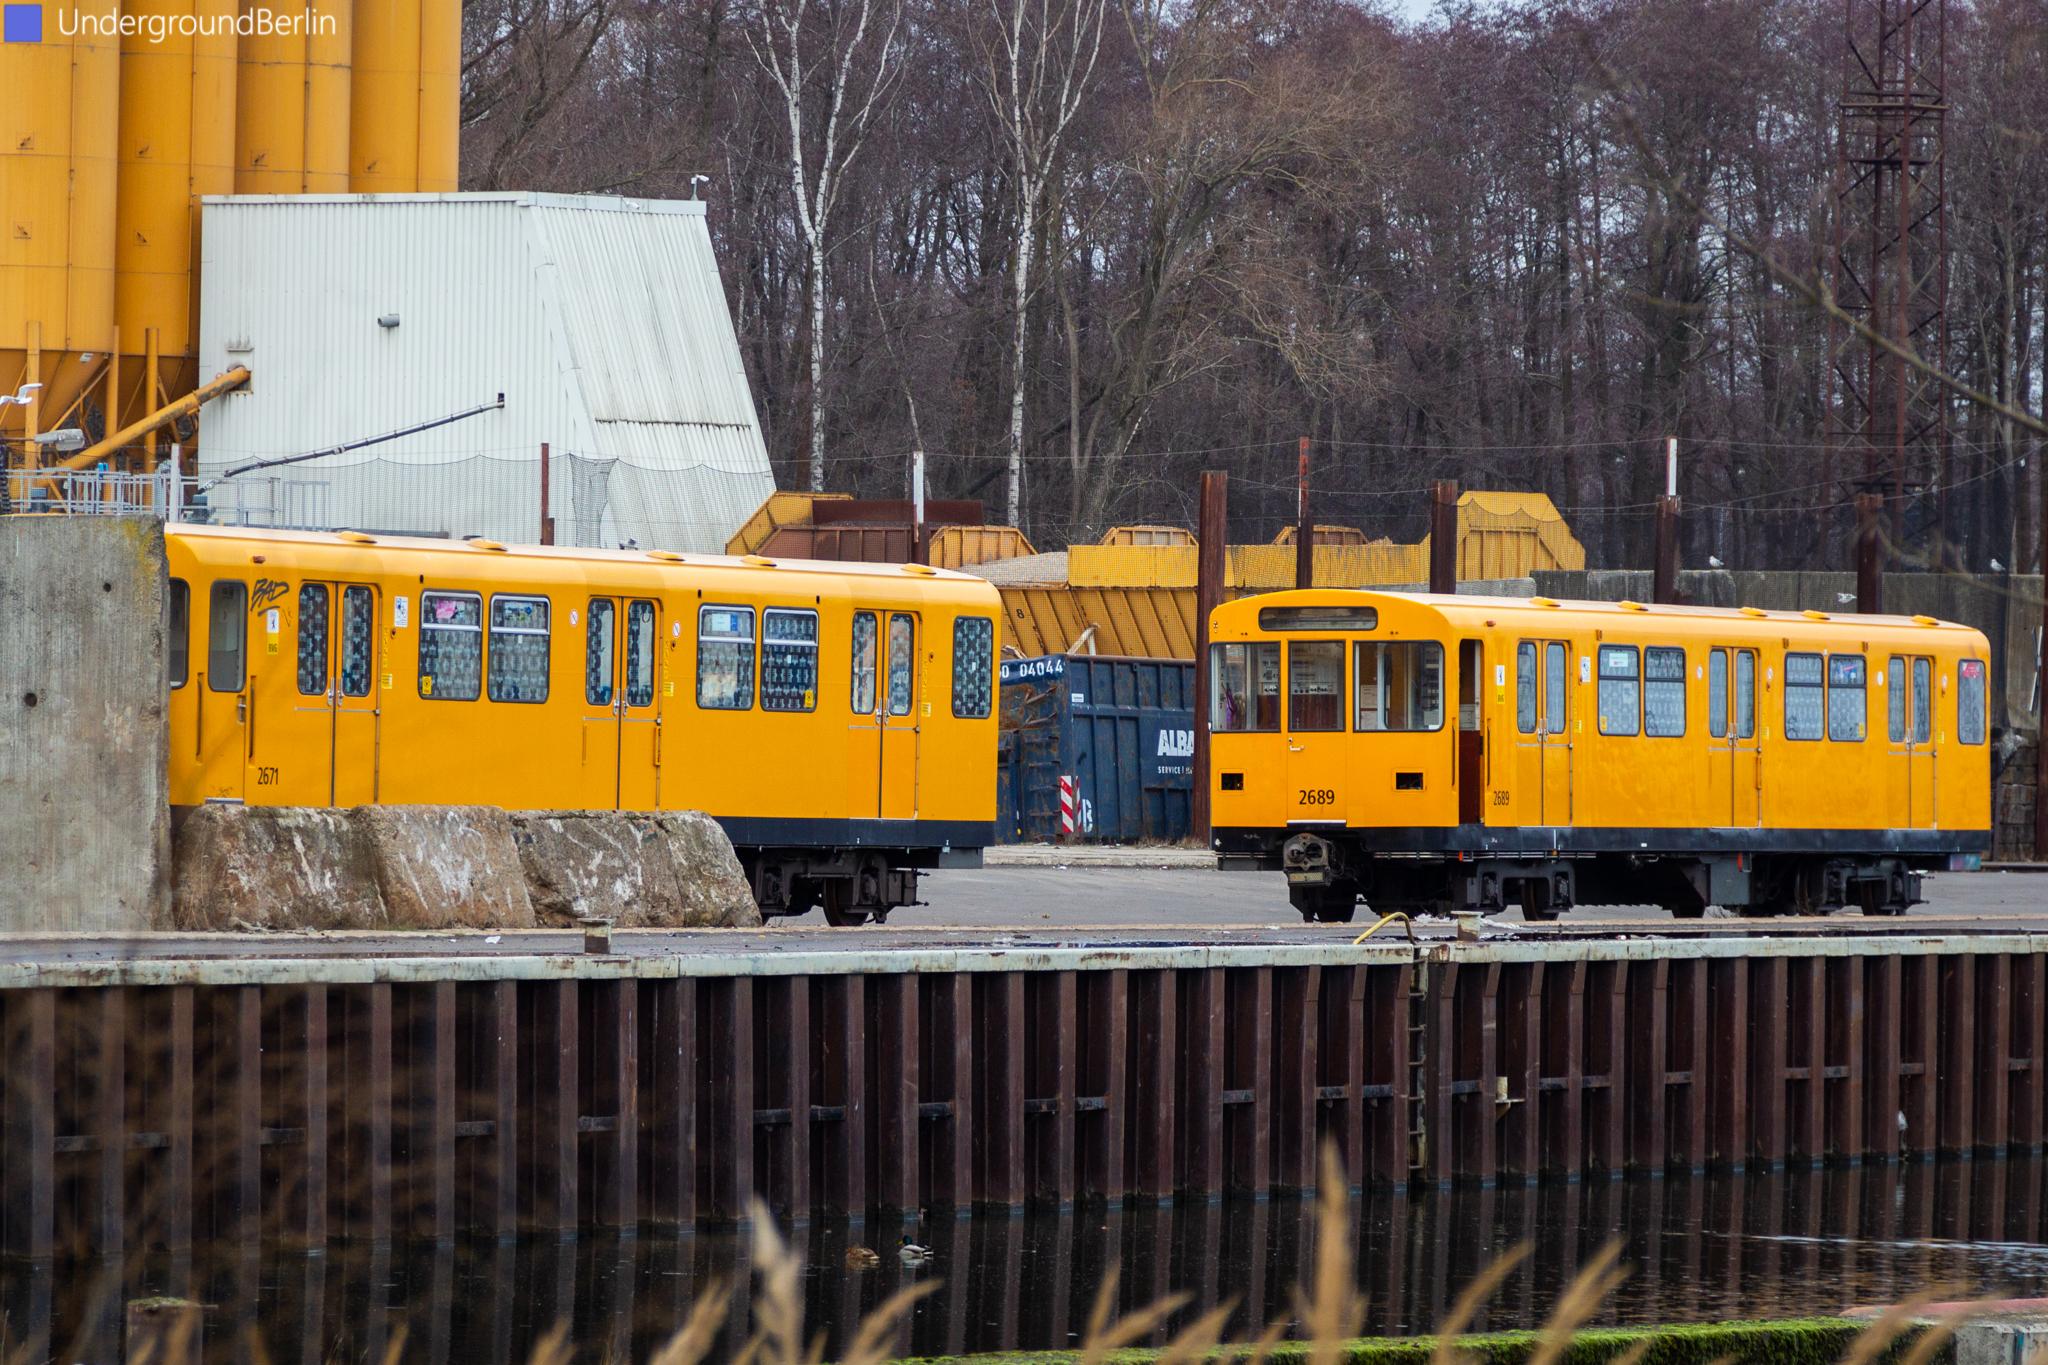 F79-Wagen 2671 und 2689 am Schrottplatz